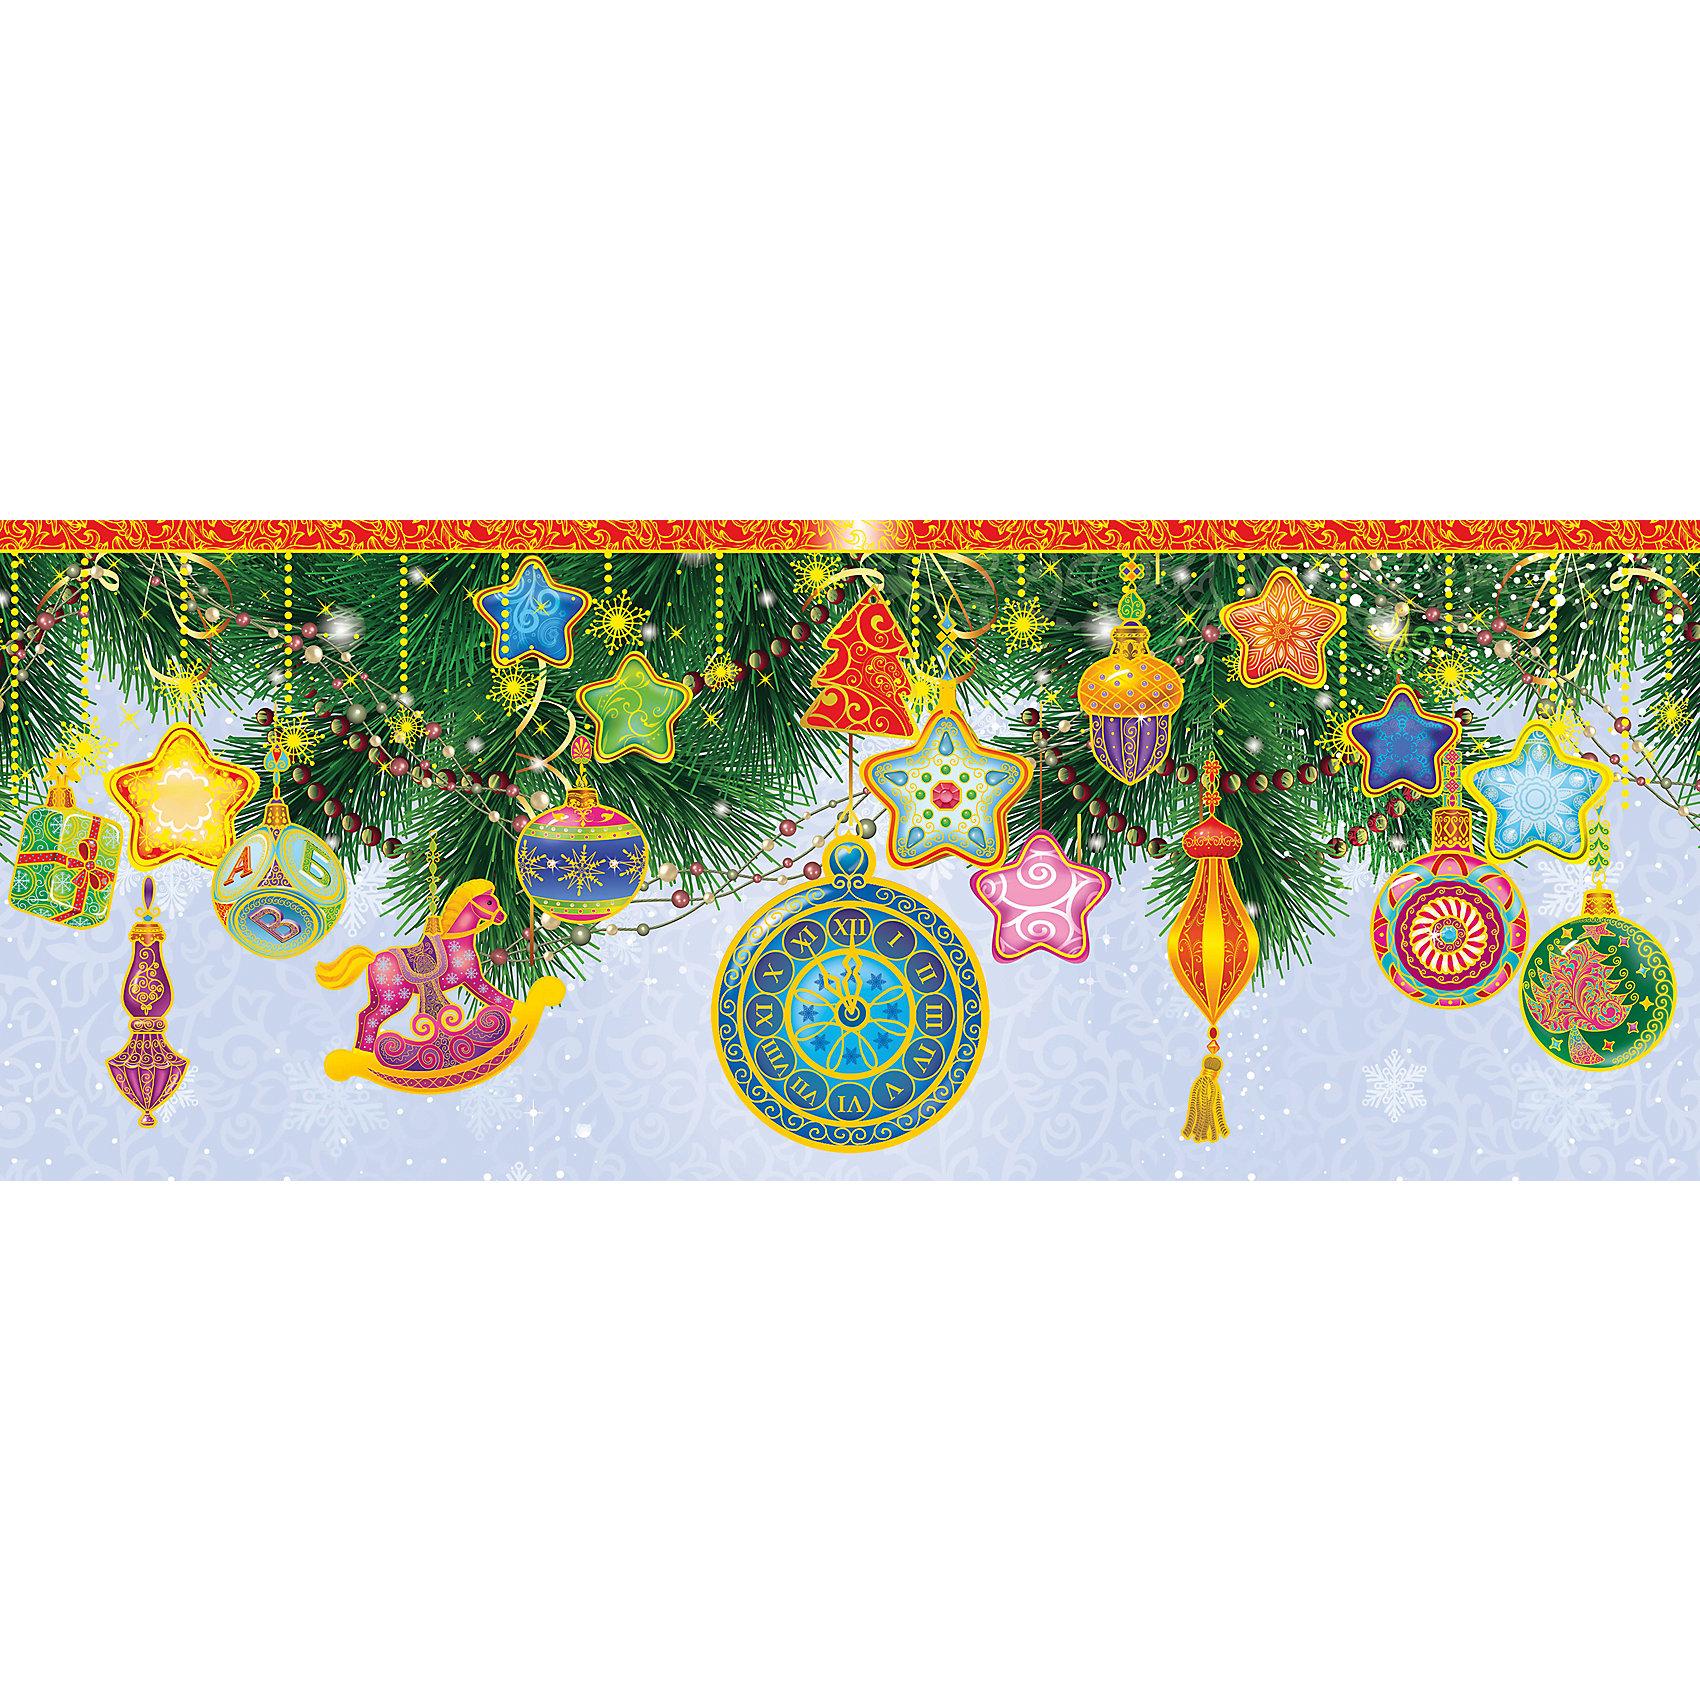 Новогоднее оконное украшение Елочные игрушки (54*21 см из ПВХ пленки)Новогоднее оконное украш. арт.34360/72 Елочные игрушки (54*21 см, из ПВХ пленки, декорировано глиттером; крепится к гладкой поверхности стекла посредством статического эффекта) арт.34360<br><br>Ширина мм: 540<br>Глубина мм: 210<br>Высота мм: 1<br>Вес г: 72<br>Возраст от месяцев: 60<br>Возраст до месяцев: 600<br>Пол: Унисекс<br>Возраст: Детский<br>SKU: 5144650